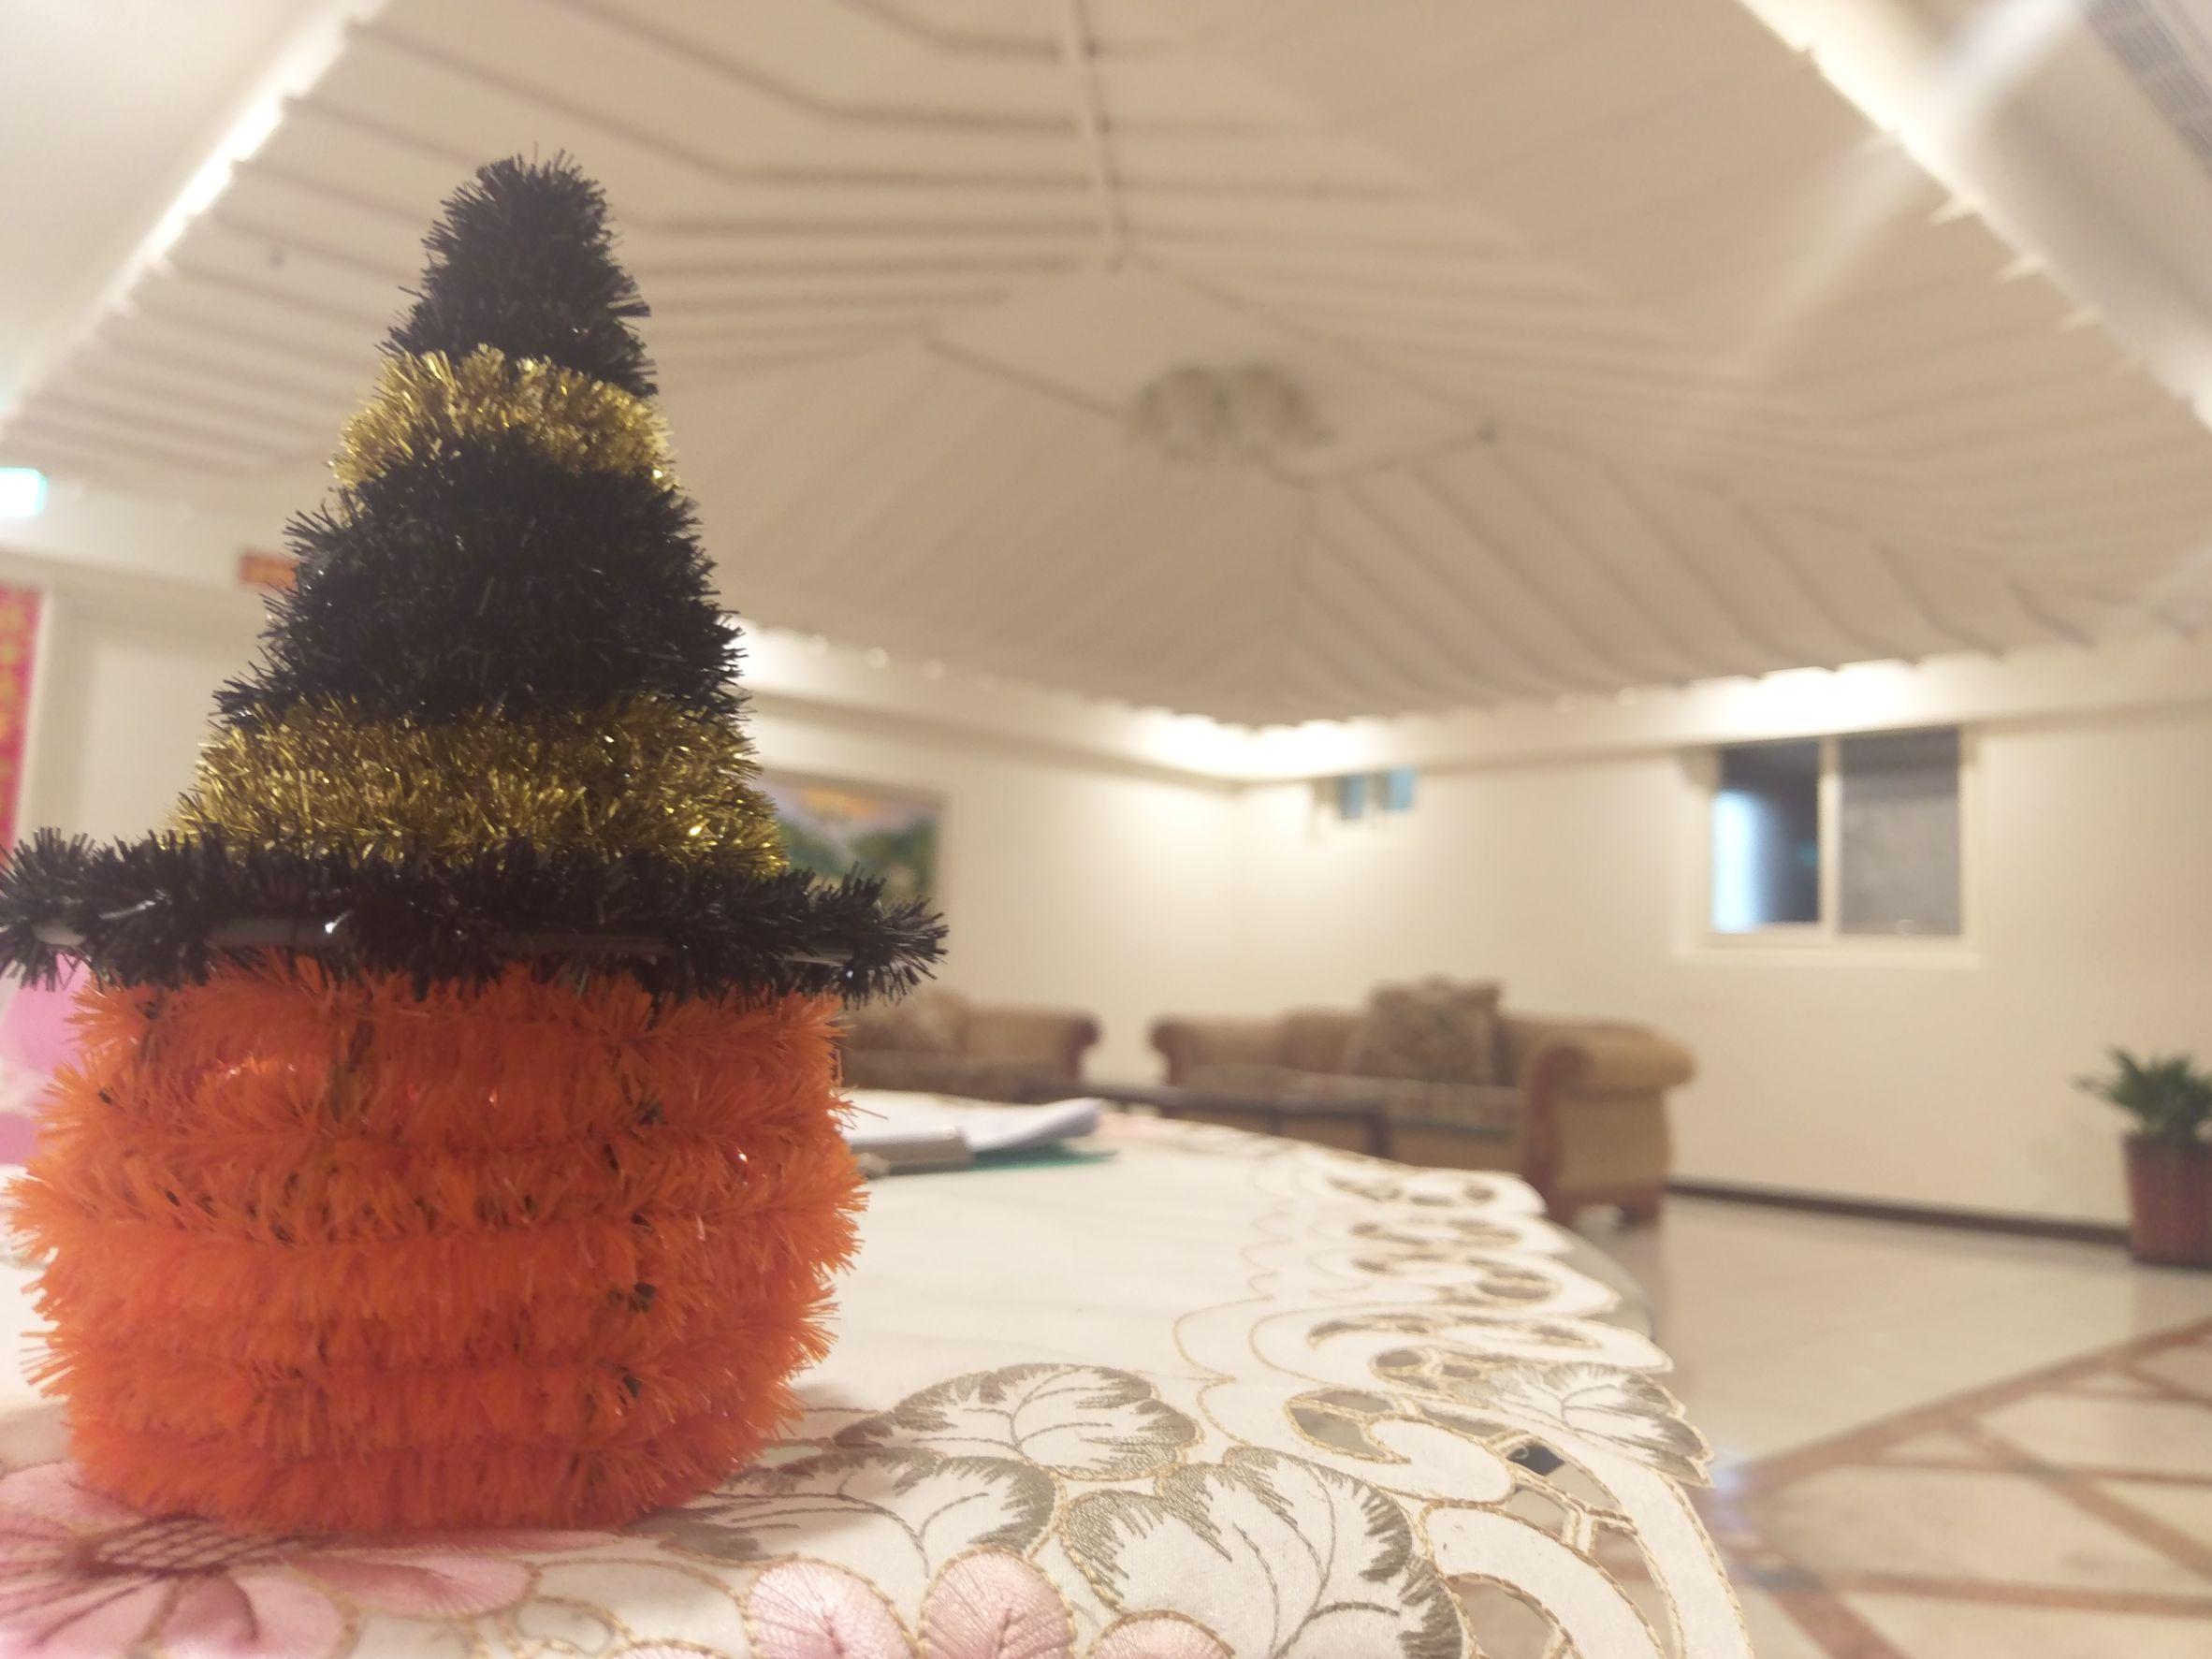 桃園市南雅護理之家-室內環境5